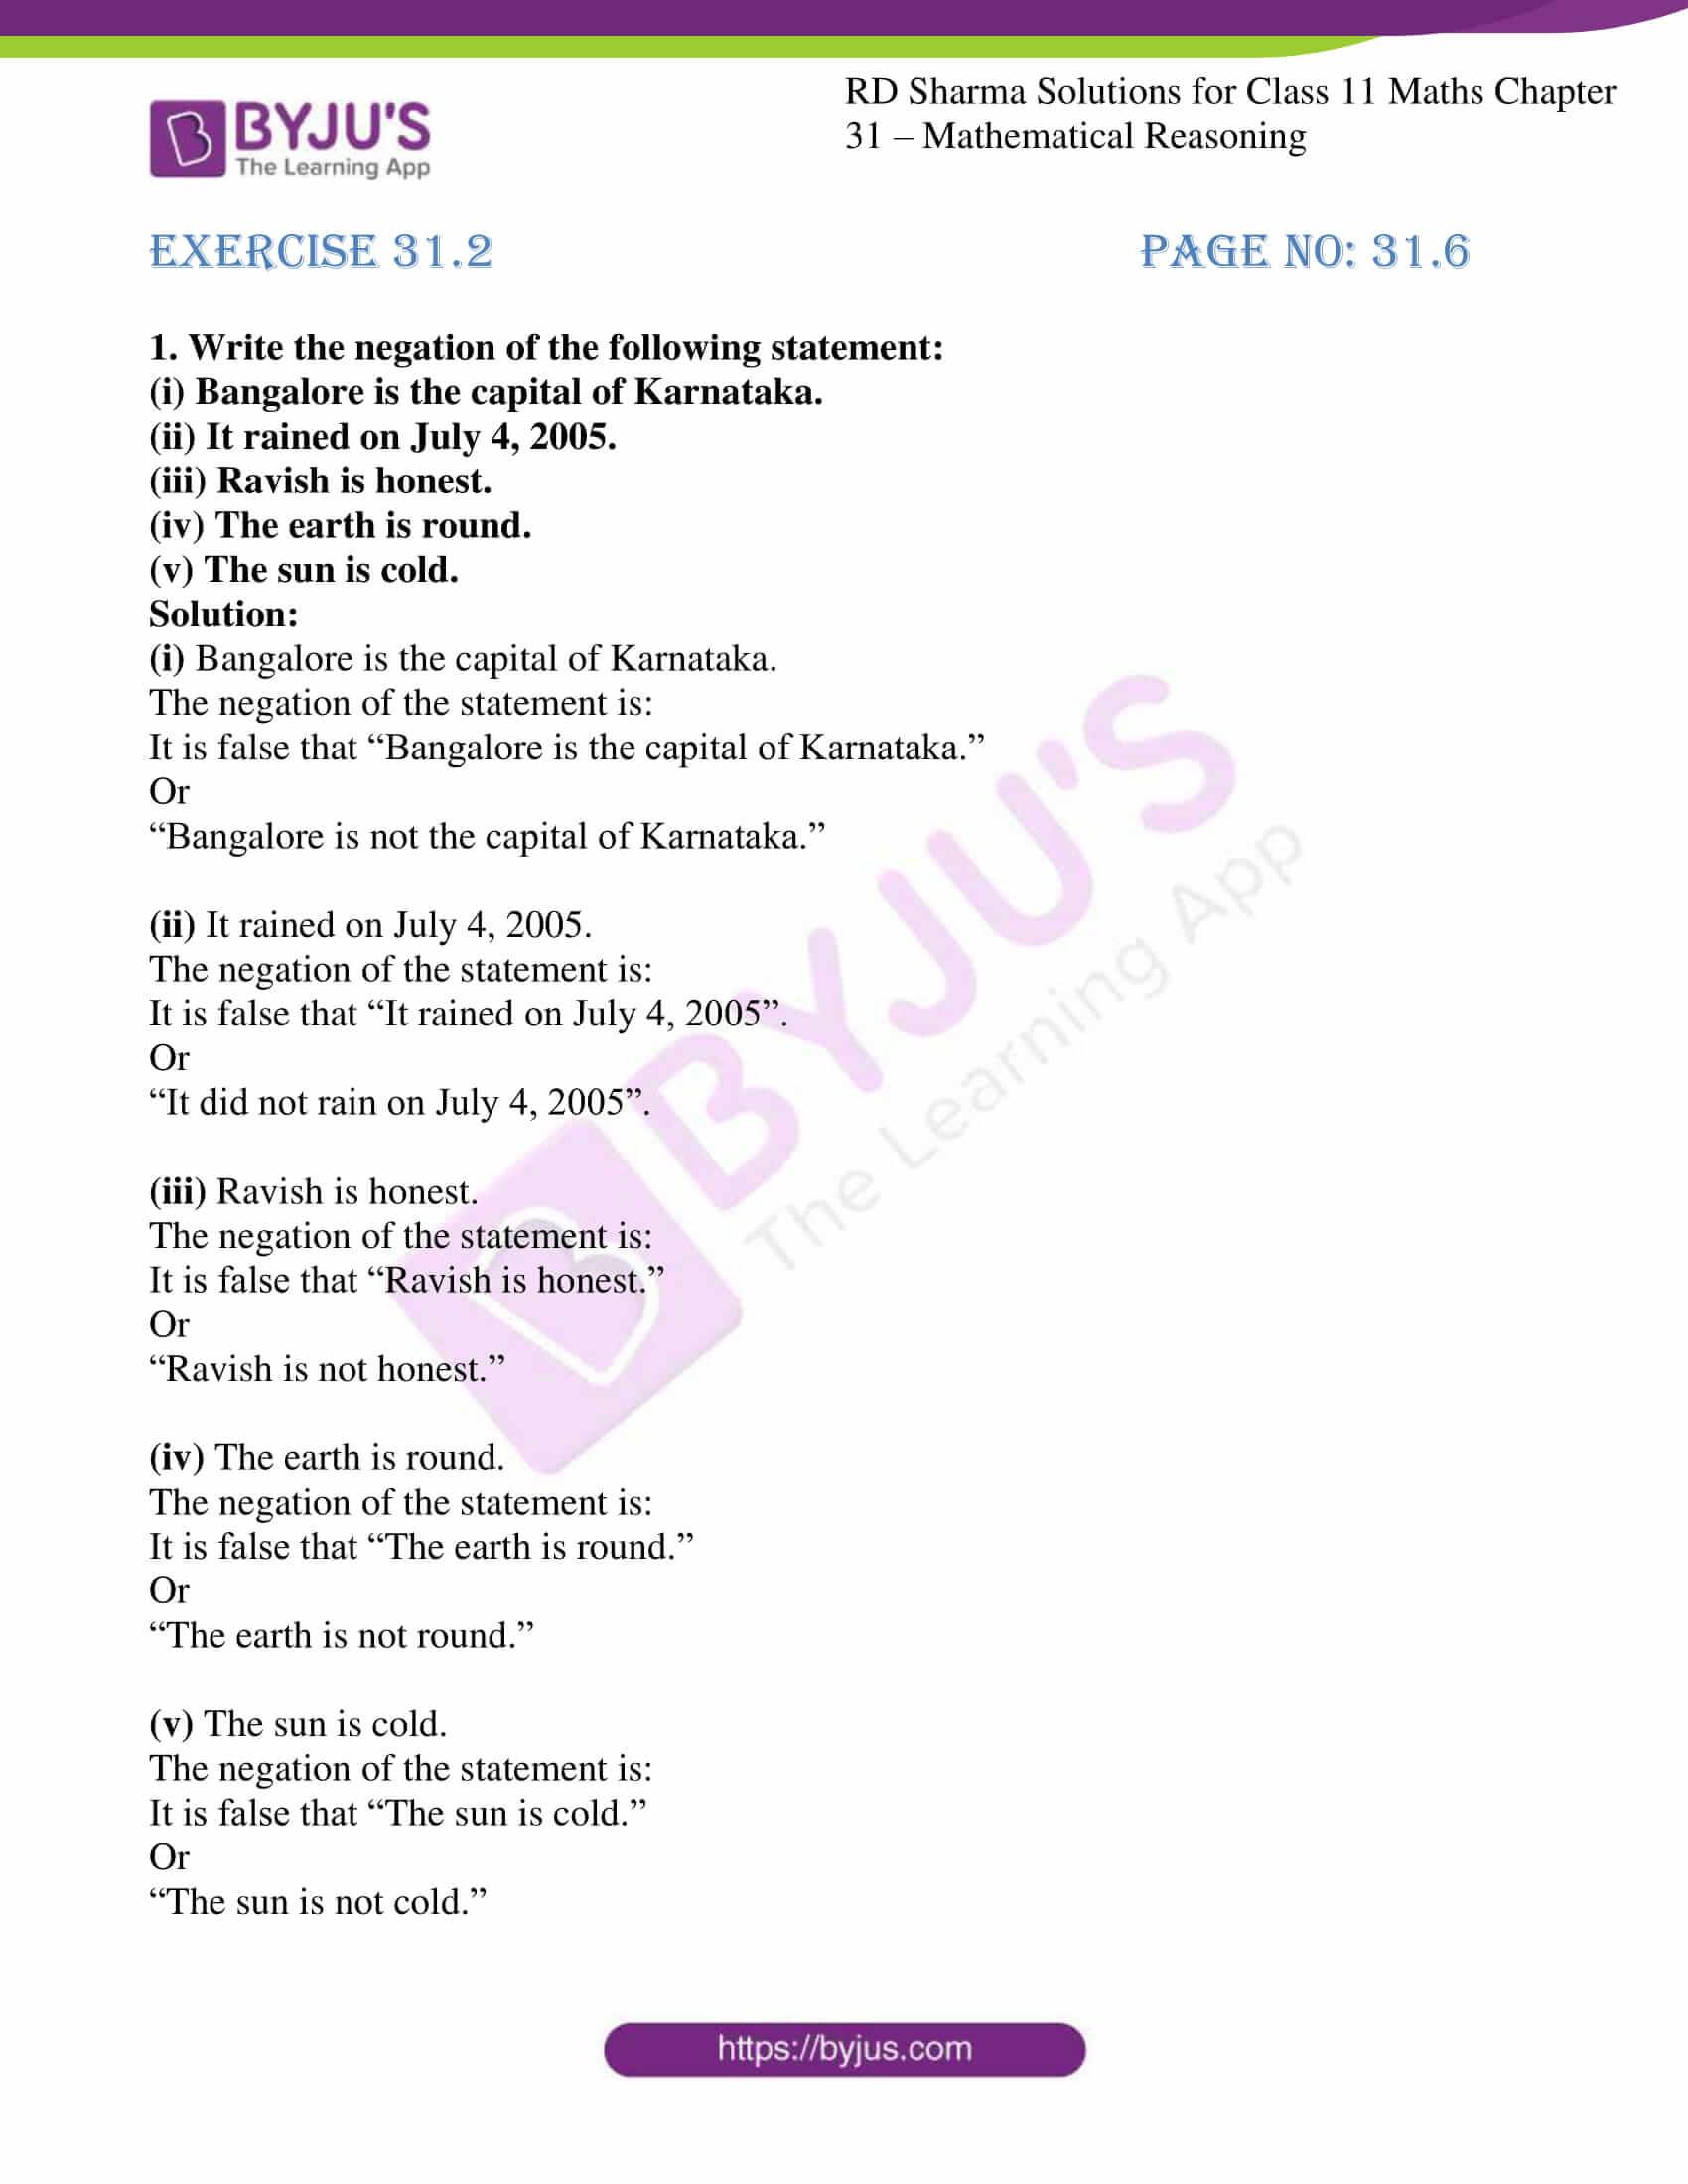 rd sharma class 11 maths chapter 31 ex 2 1